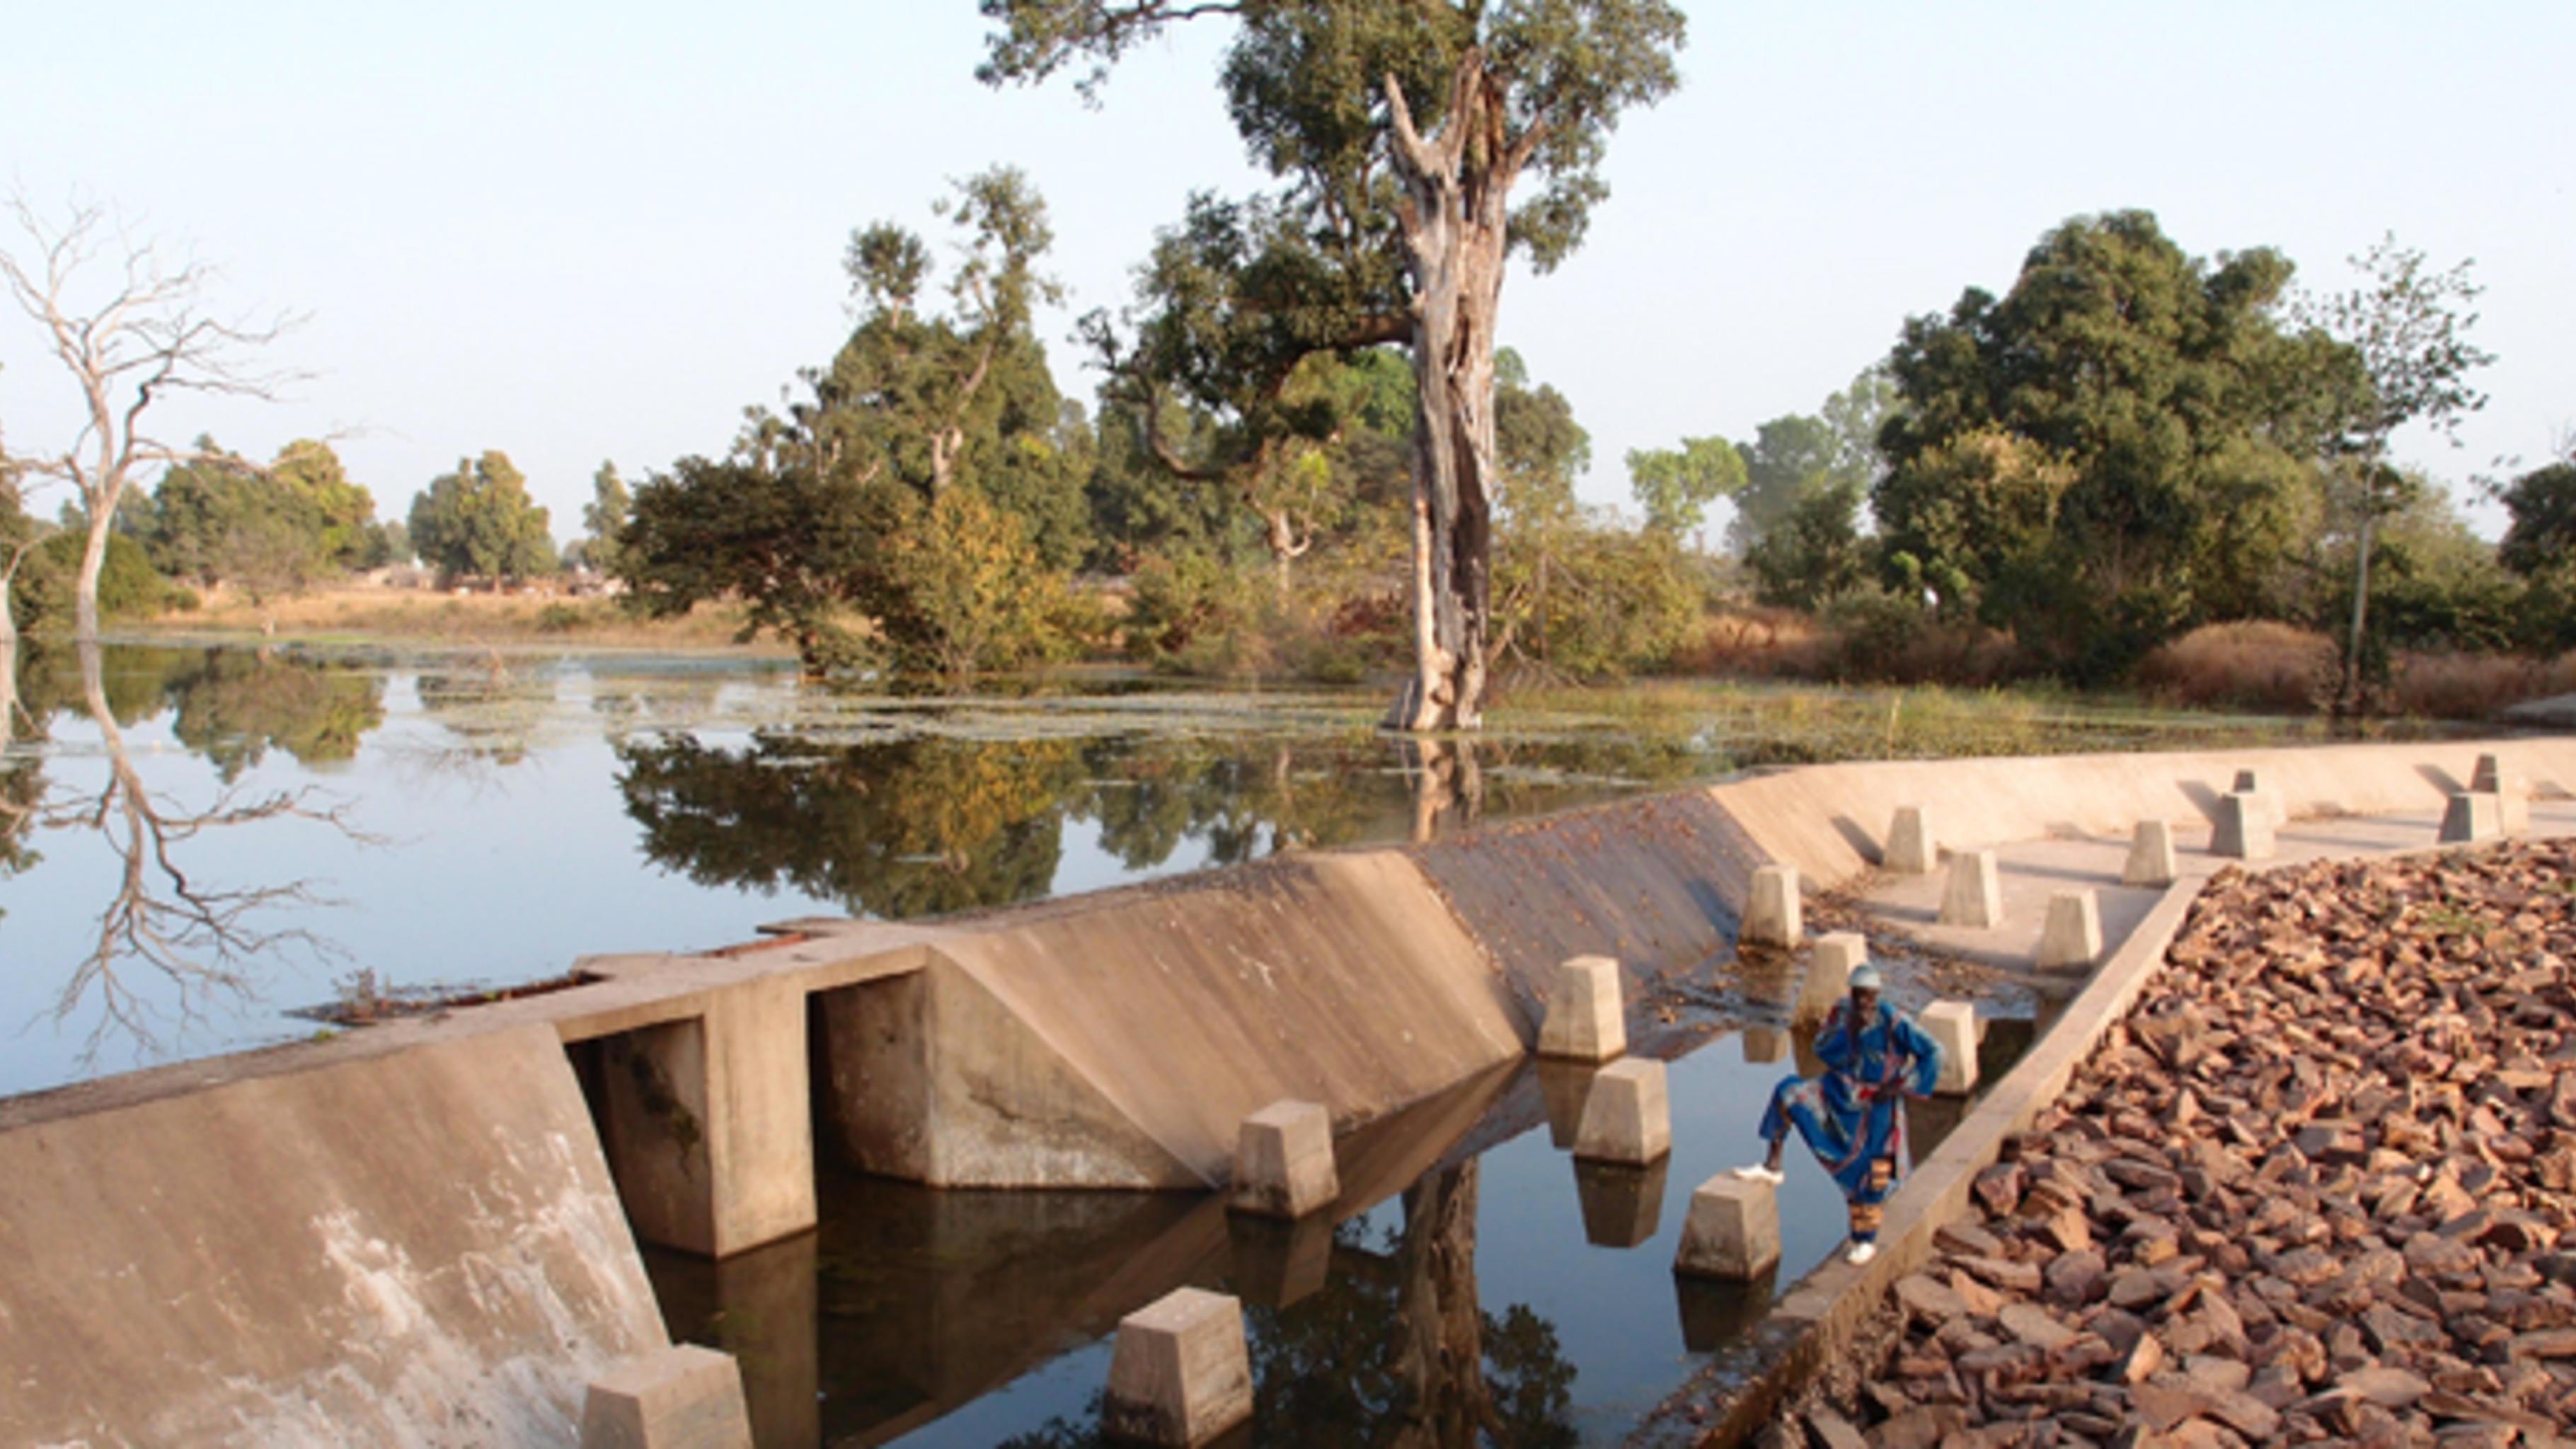 Das Wasserrückhaltebecken in Balandougou mit üppiger Vegetation.